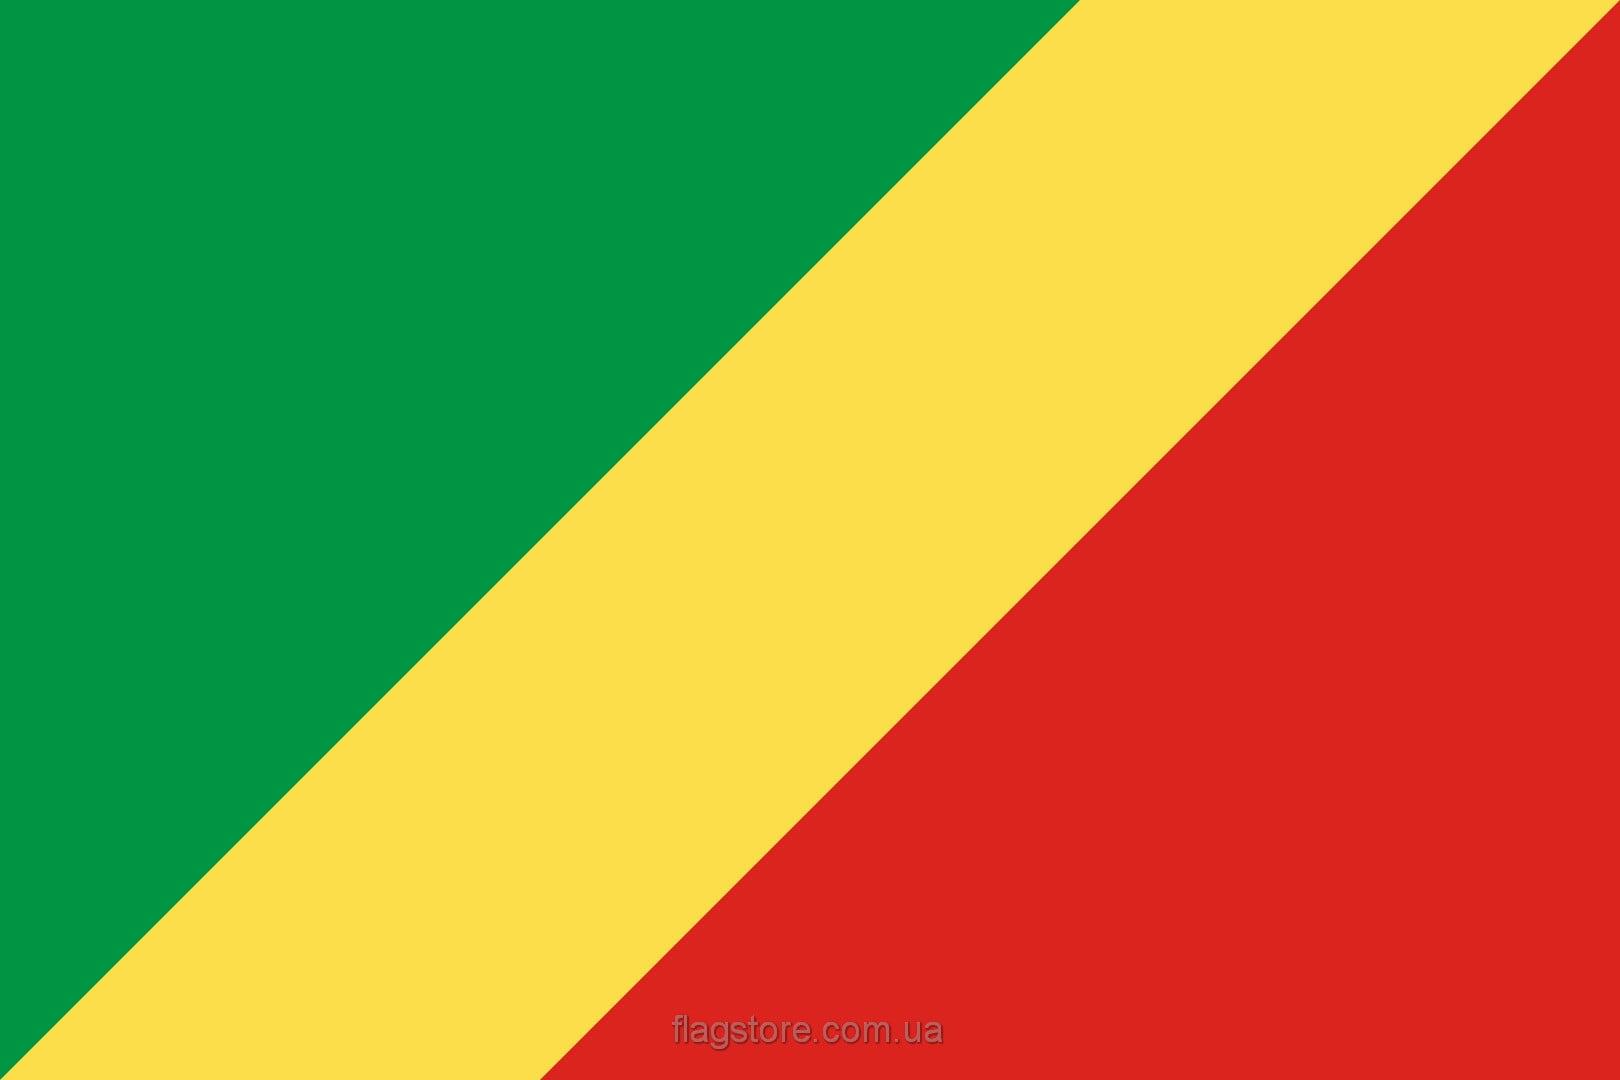 Купить флаг Республики Конго (страны Республика Конго)